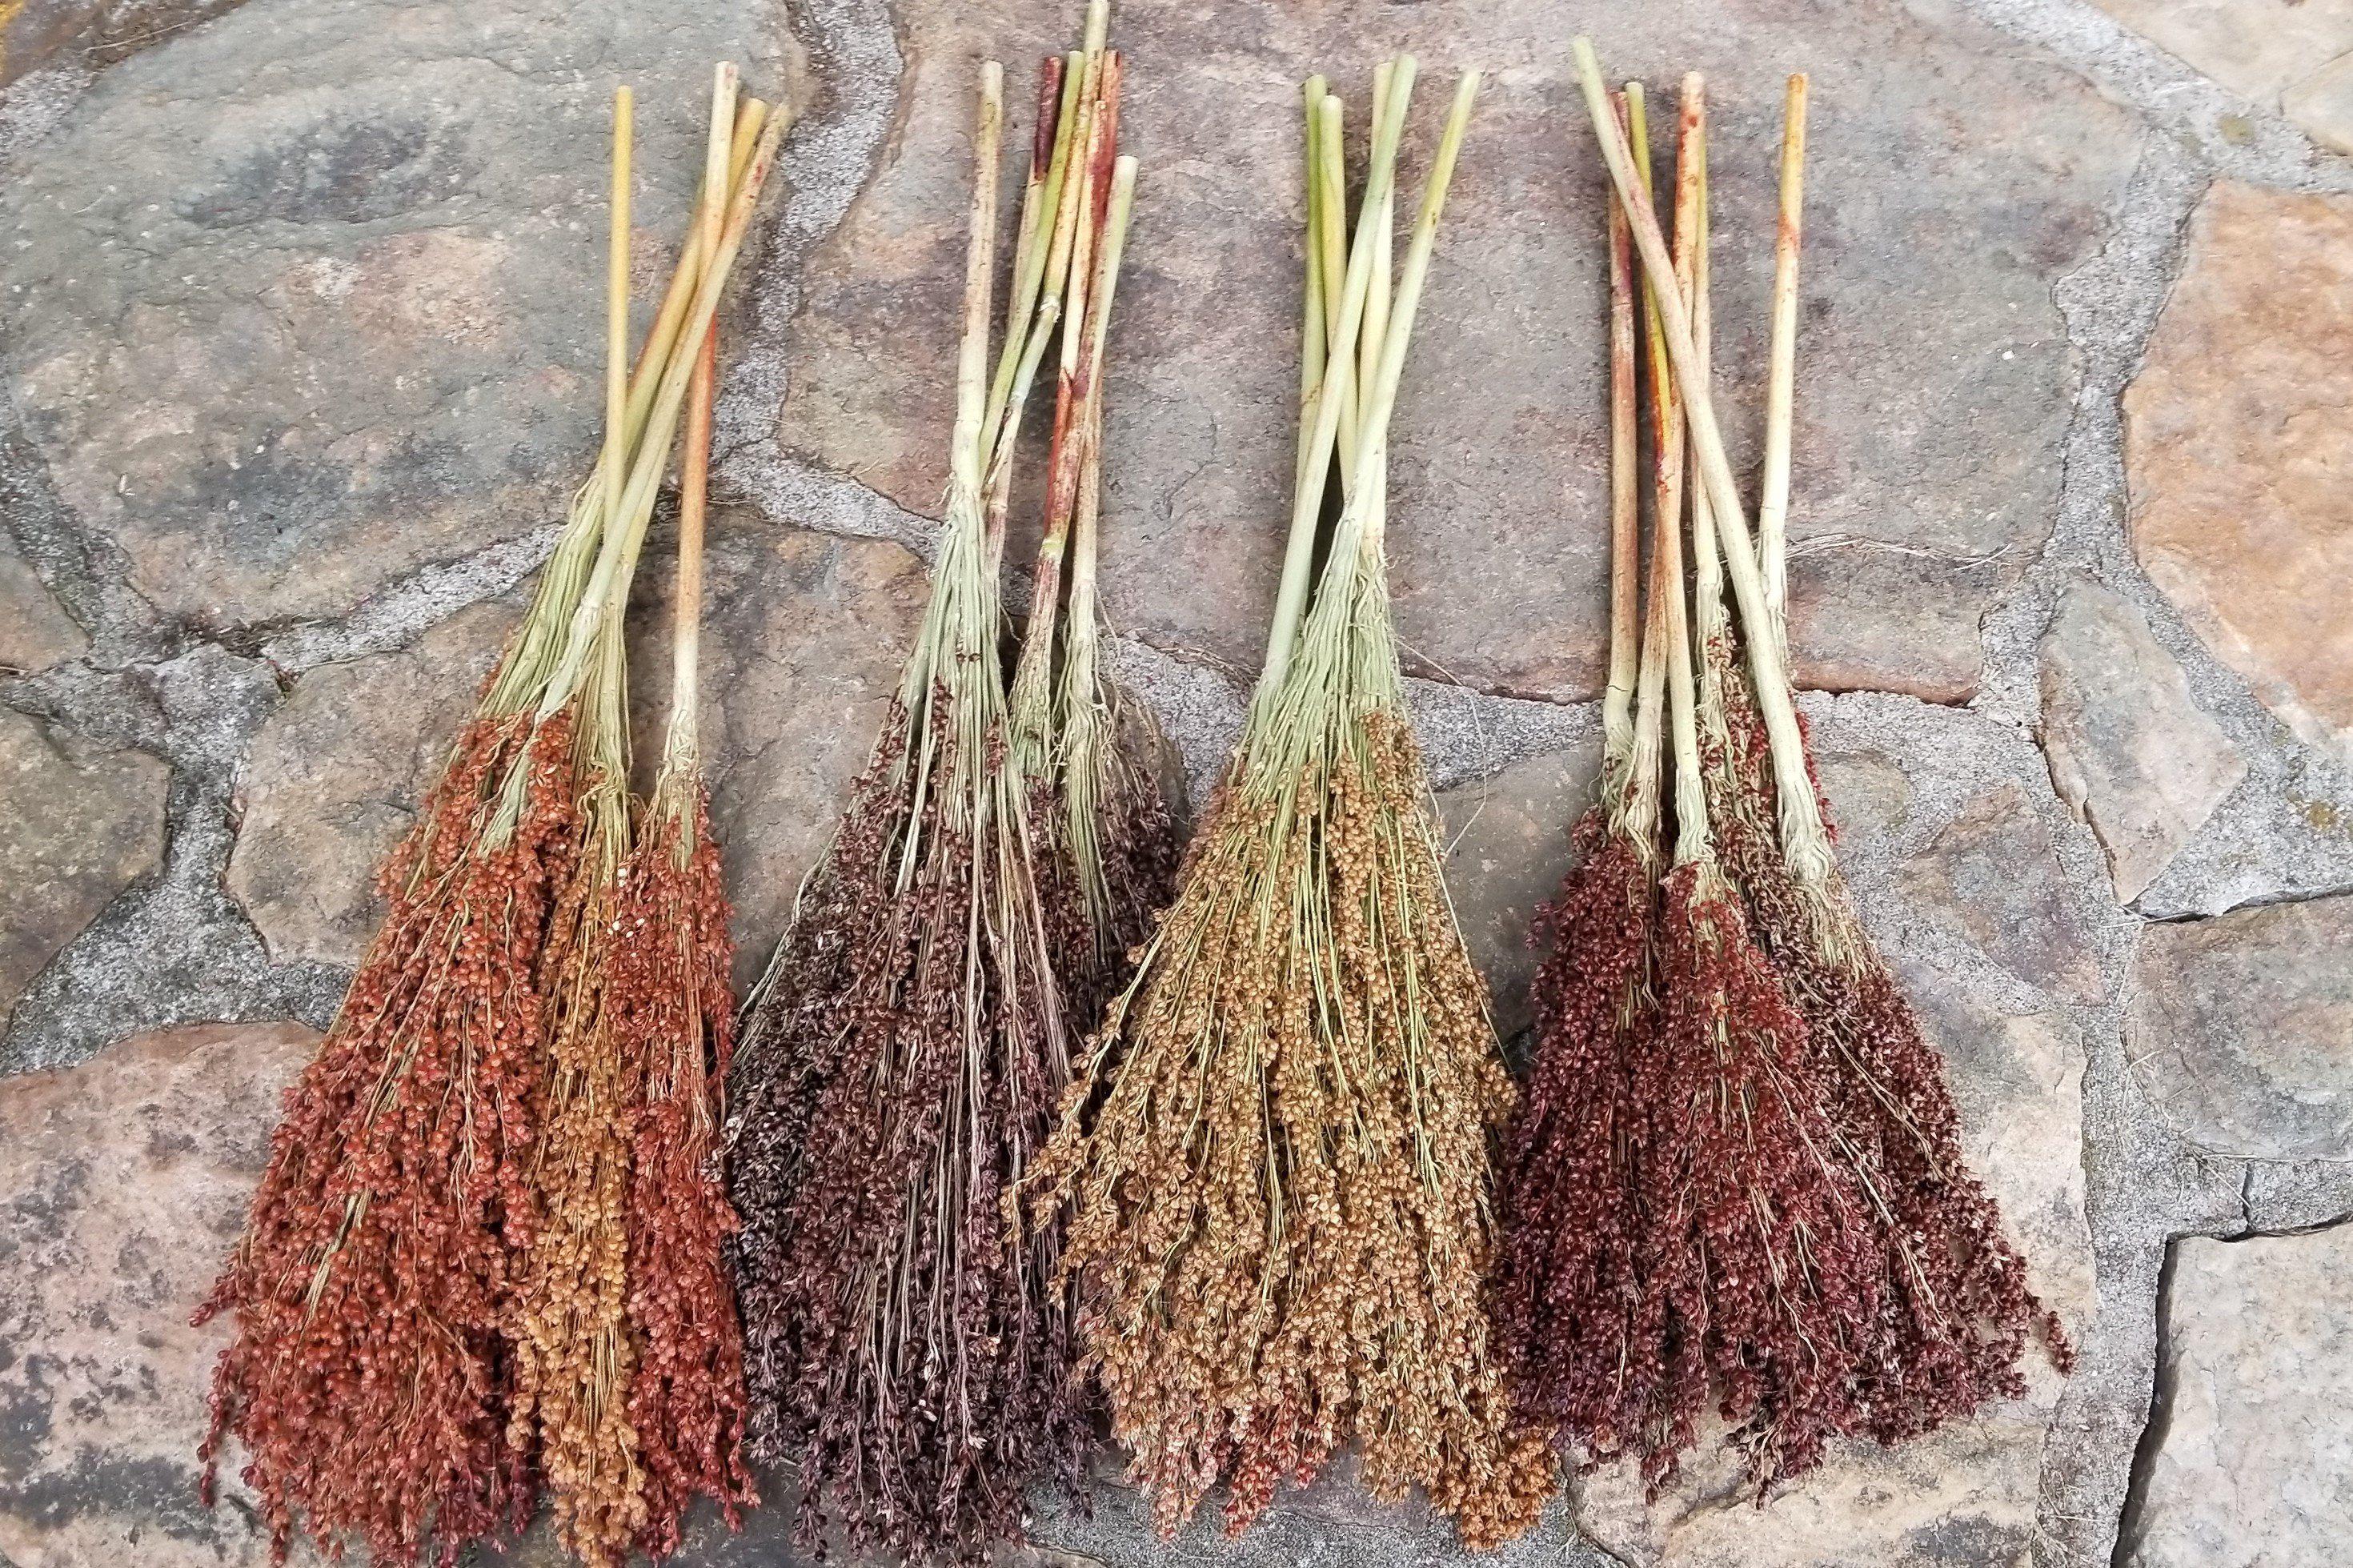 Dried Broom Corn Colored Broom Corn Colored Sorghum Upright Sorghum Broom Corn Fall Decor Halloween Decor Rustic D Broom Corn Broom Rustic Antique Decor